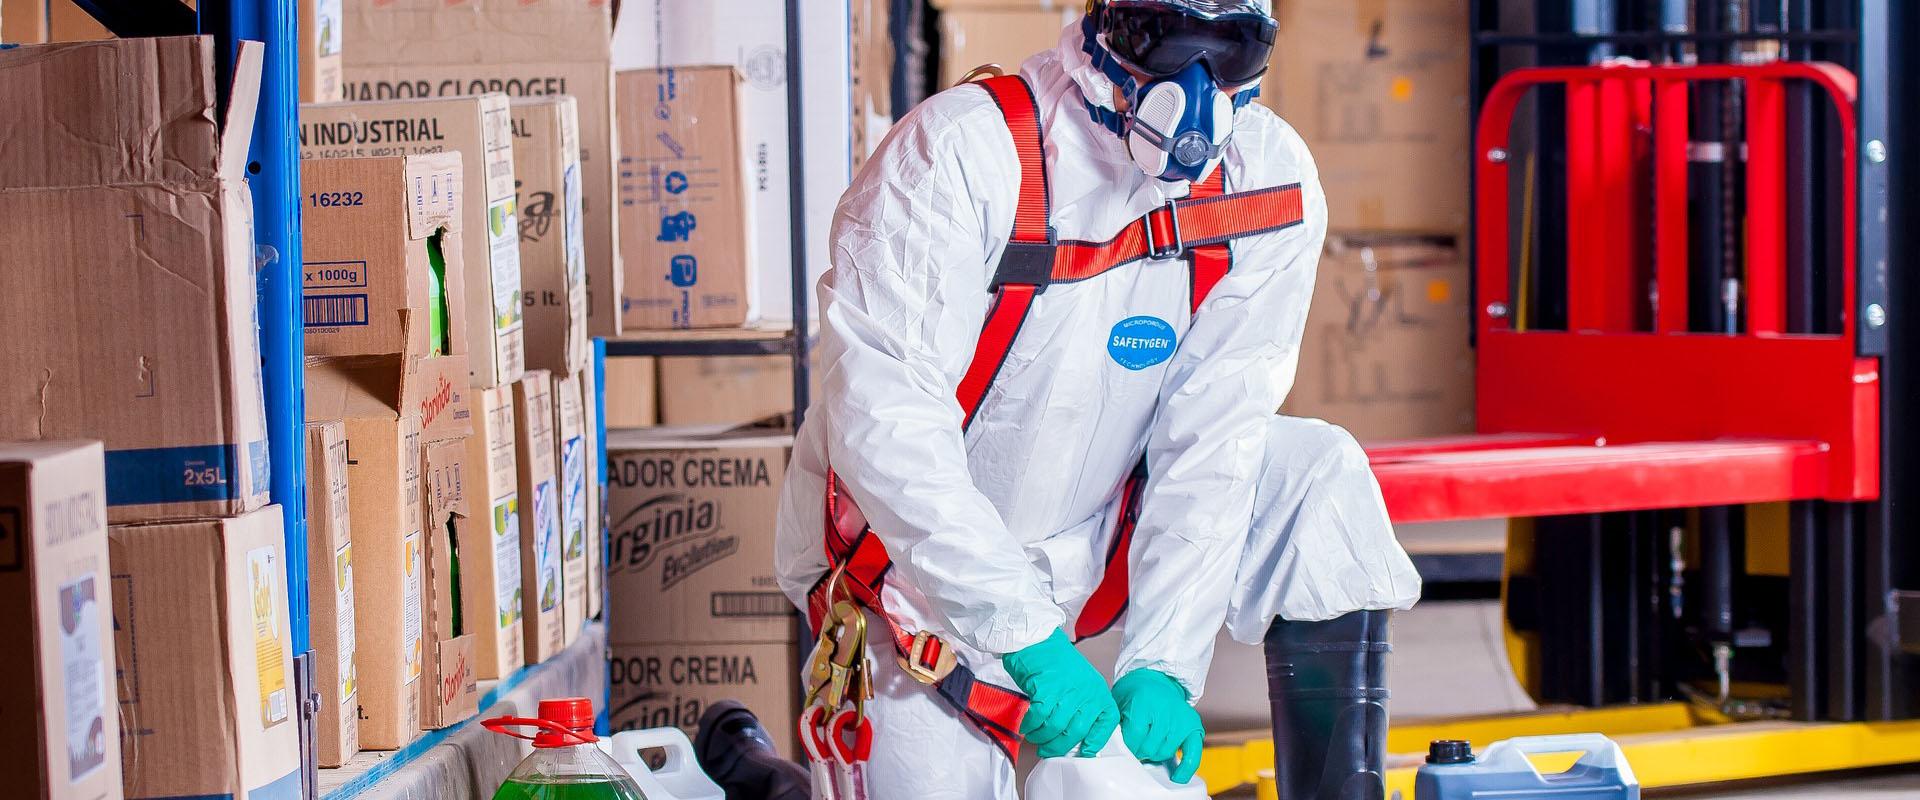 Dezinfekcia a sanitácia priestorov